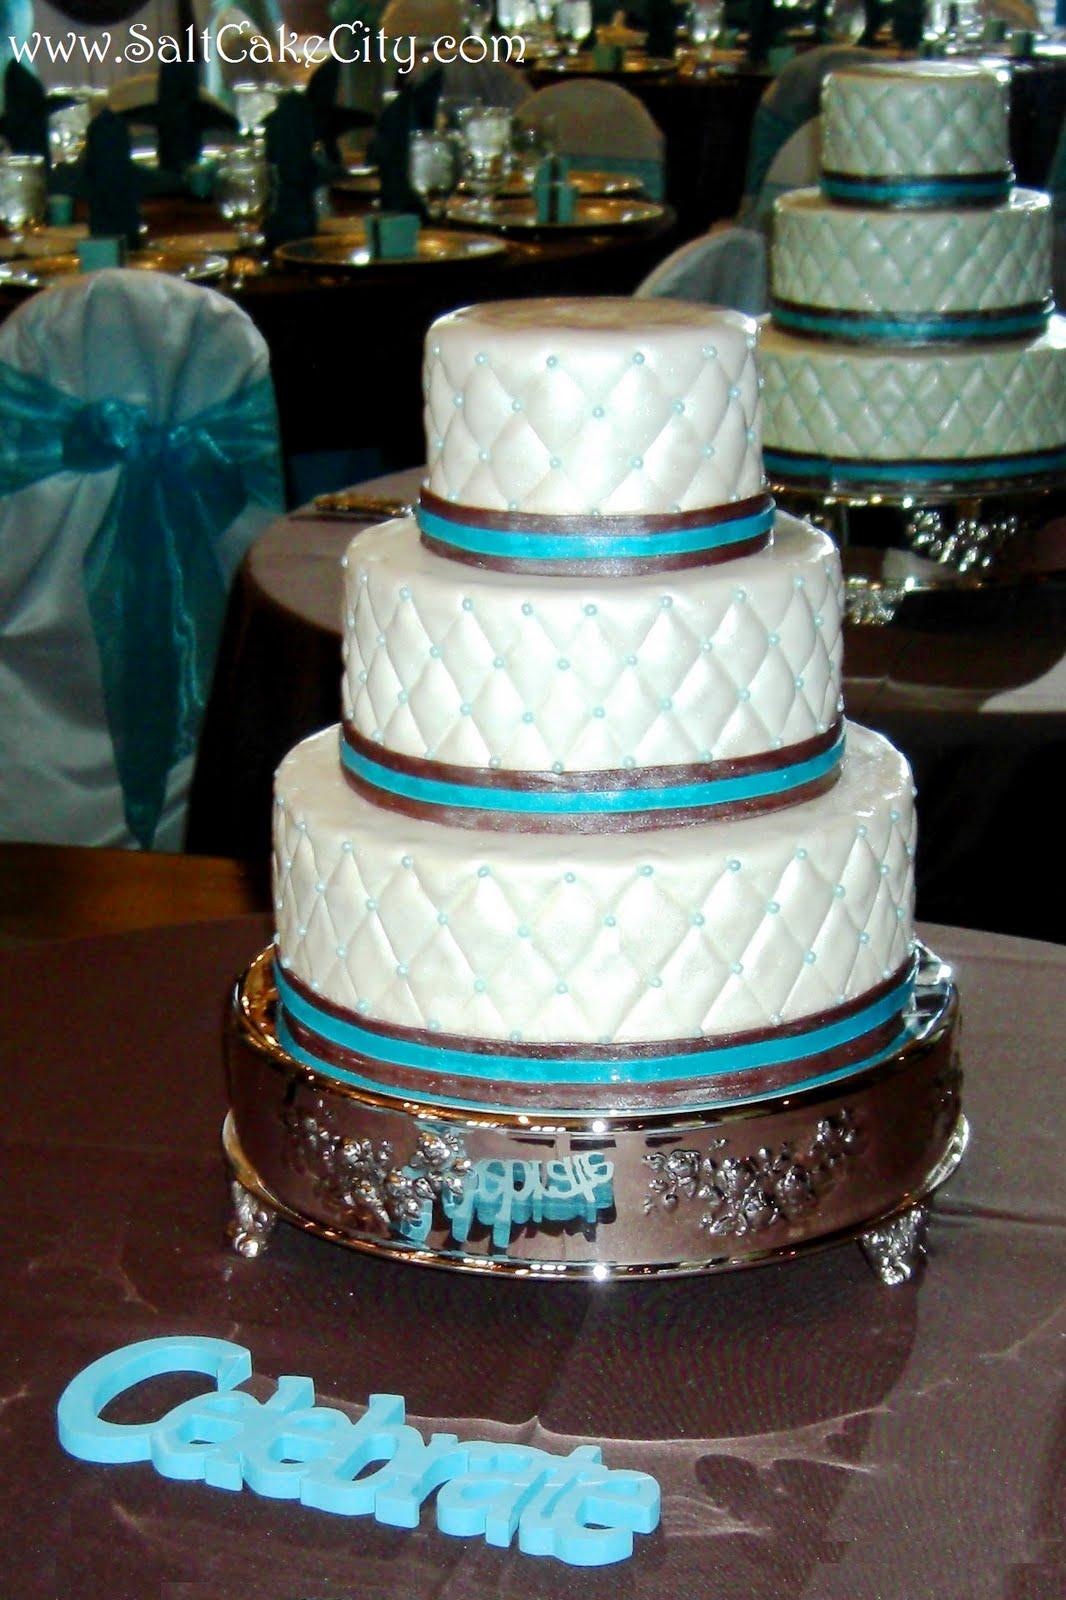 Pin Turquoise Brown White Cake Elegant Cheesecakes Cake on